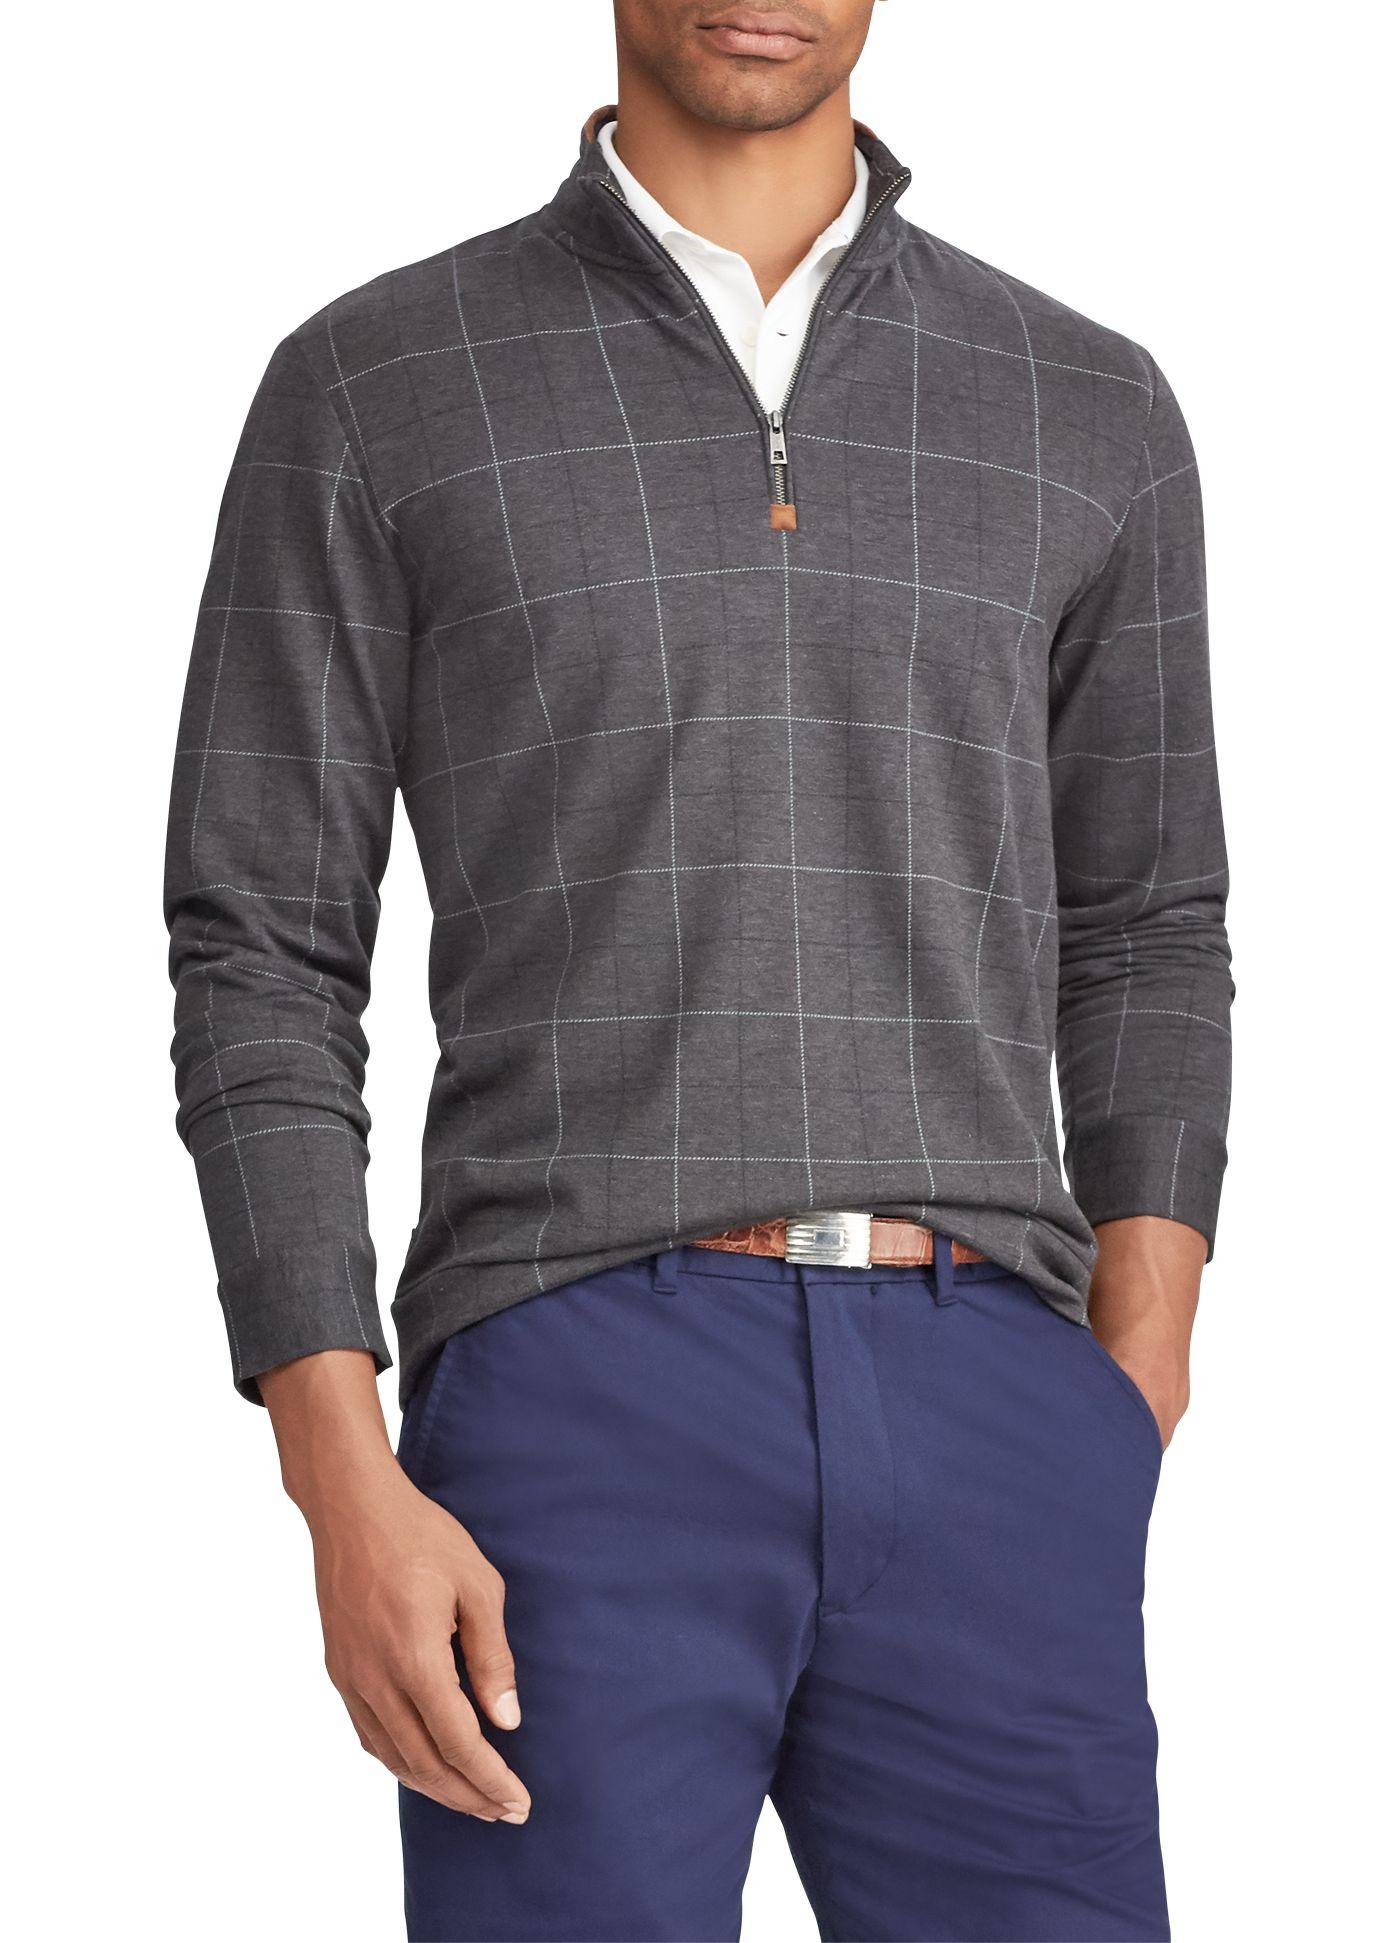 Polo Golf Men's Jacquard ¼ Zip Golf Pullover